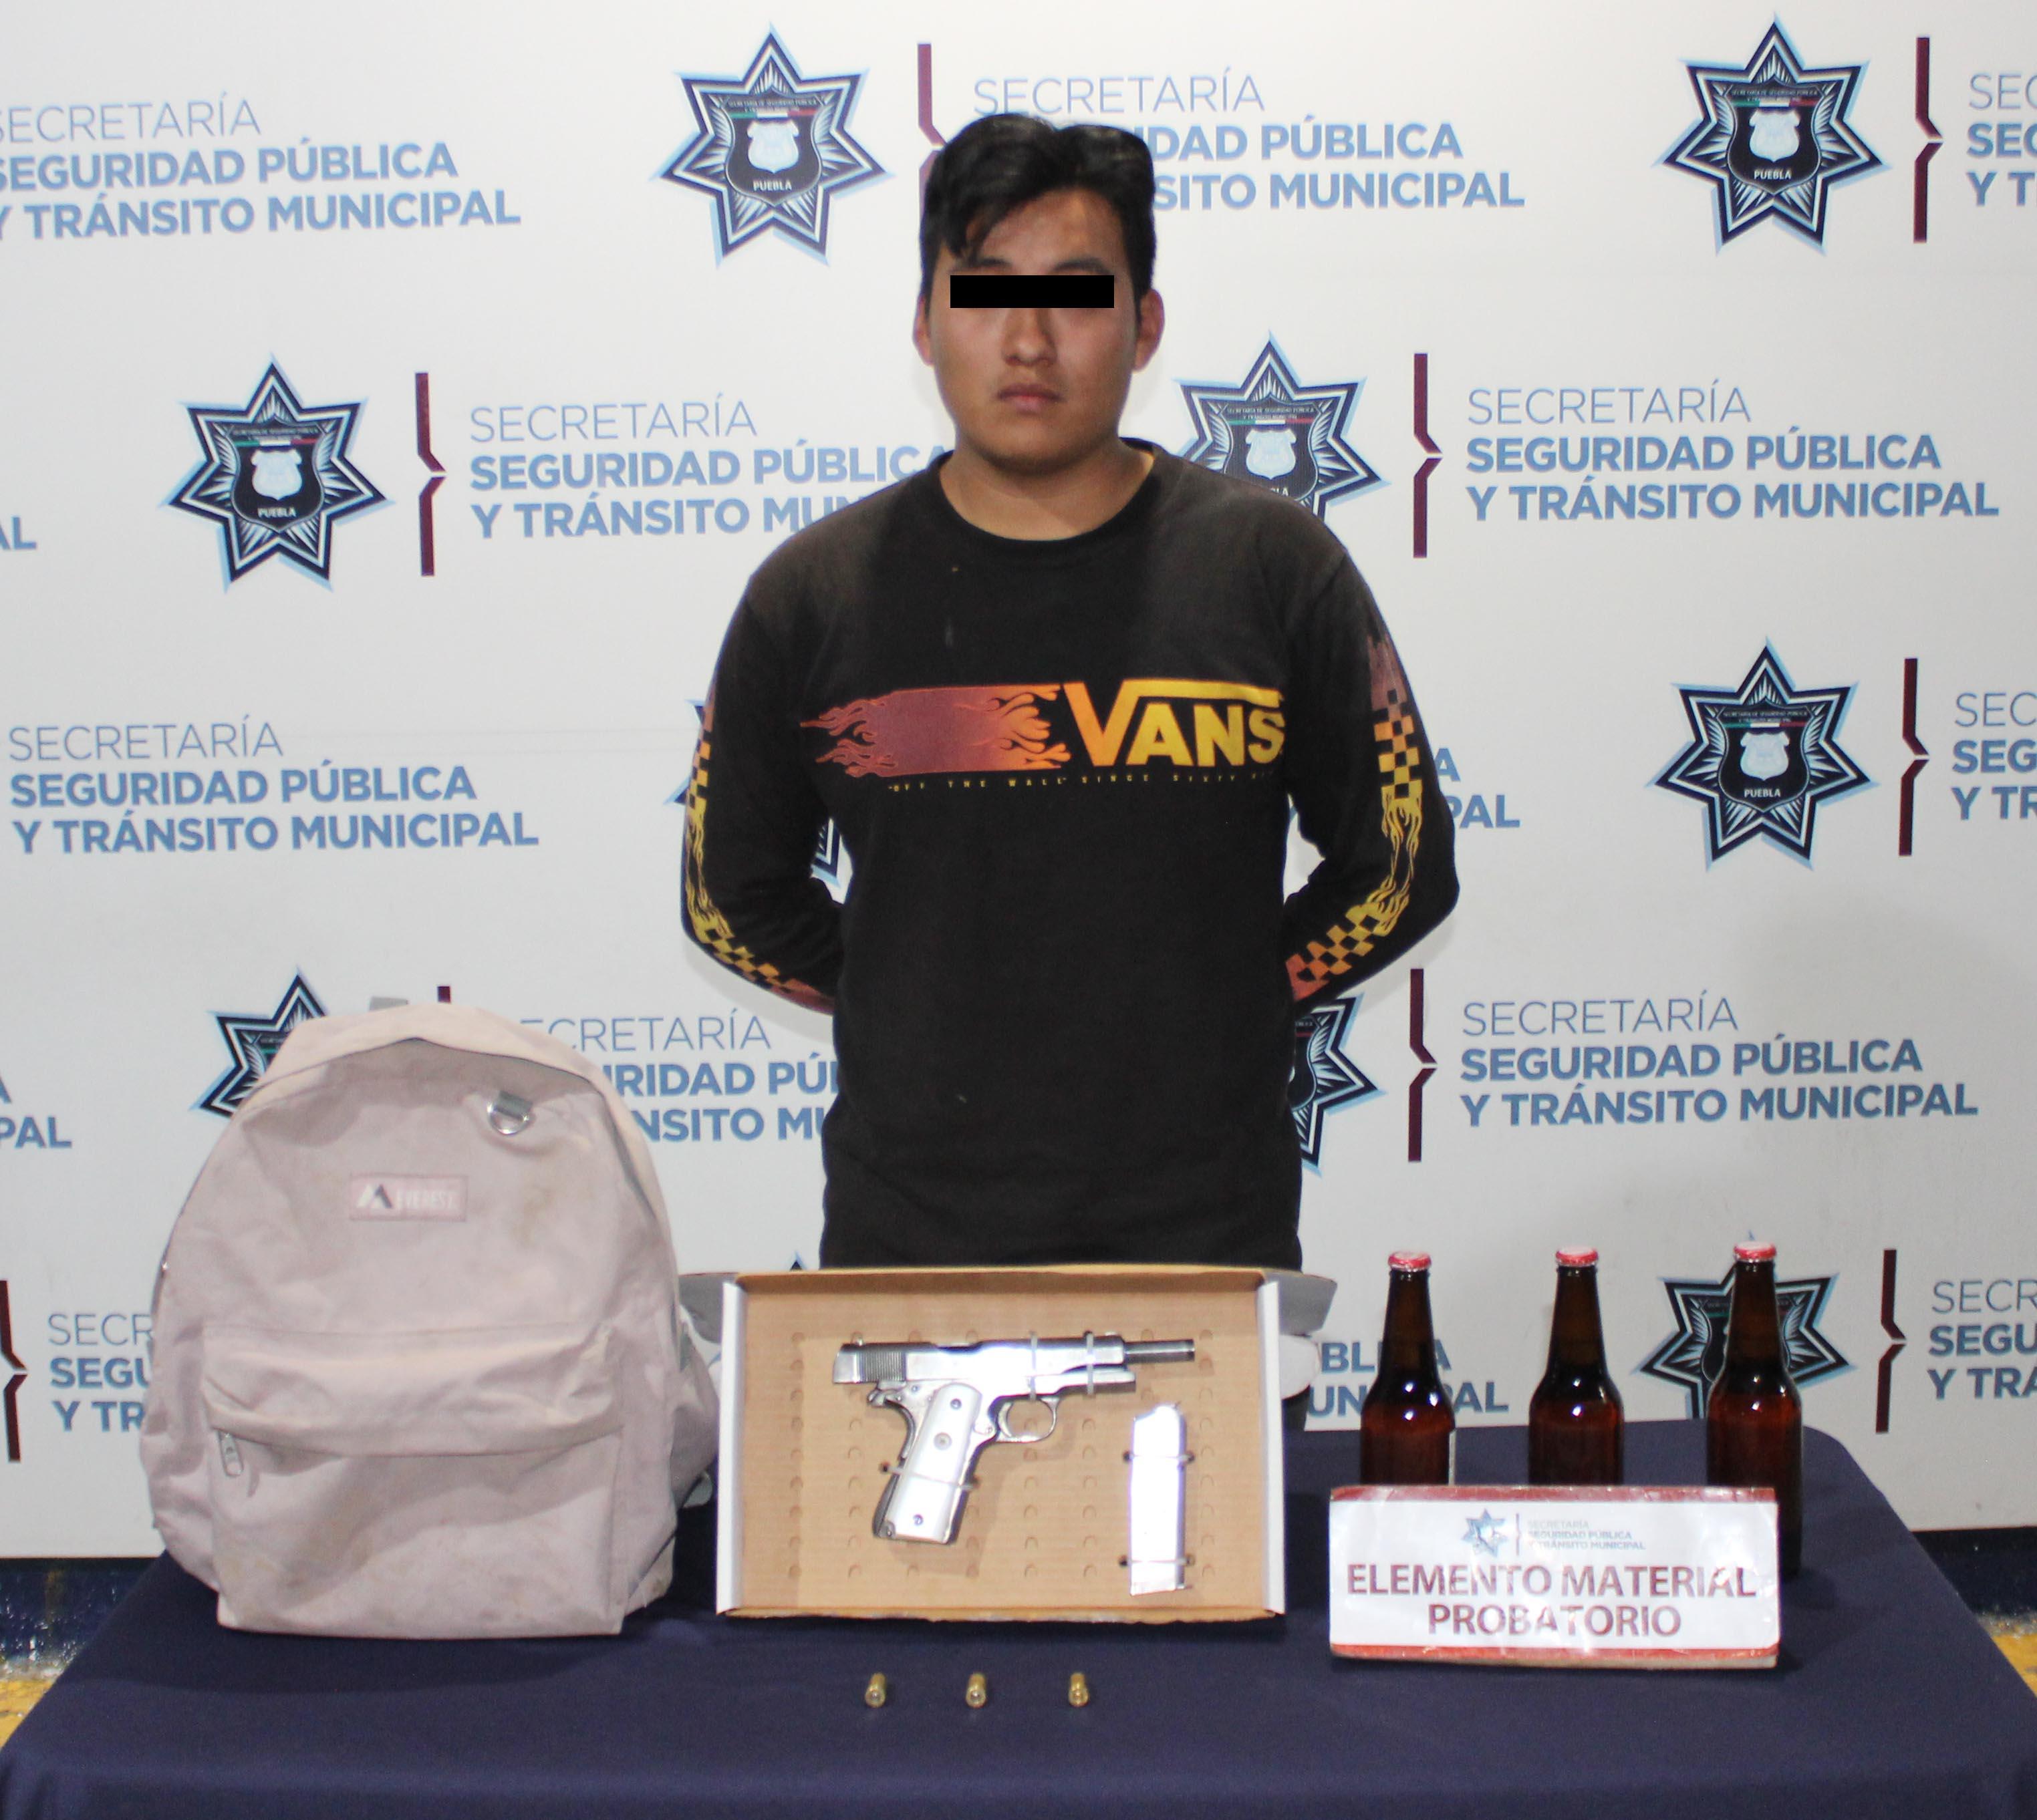 Lo detienen en la capital con arma de fuego ilegal